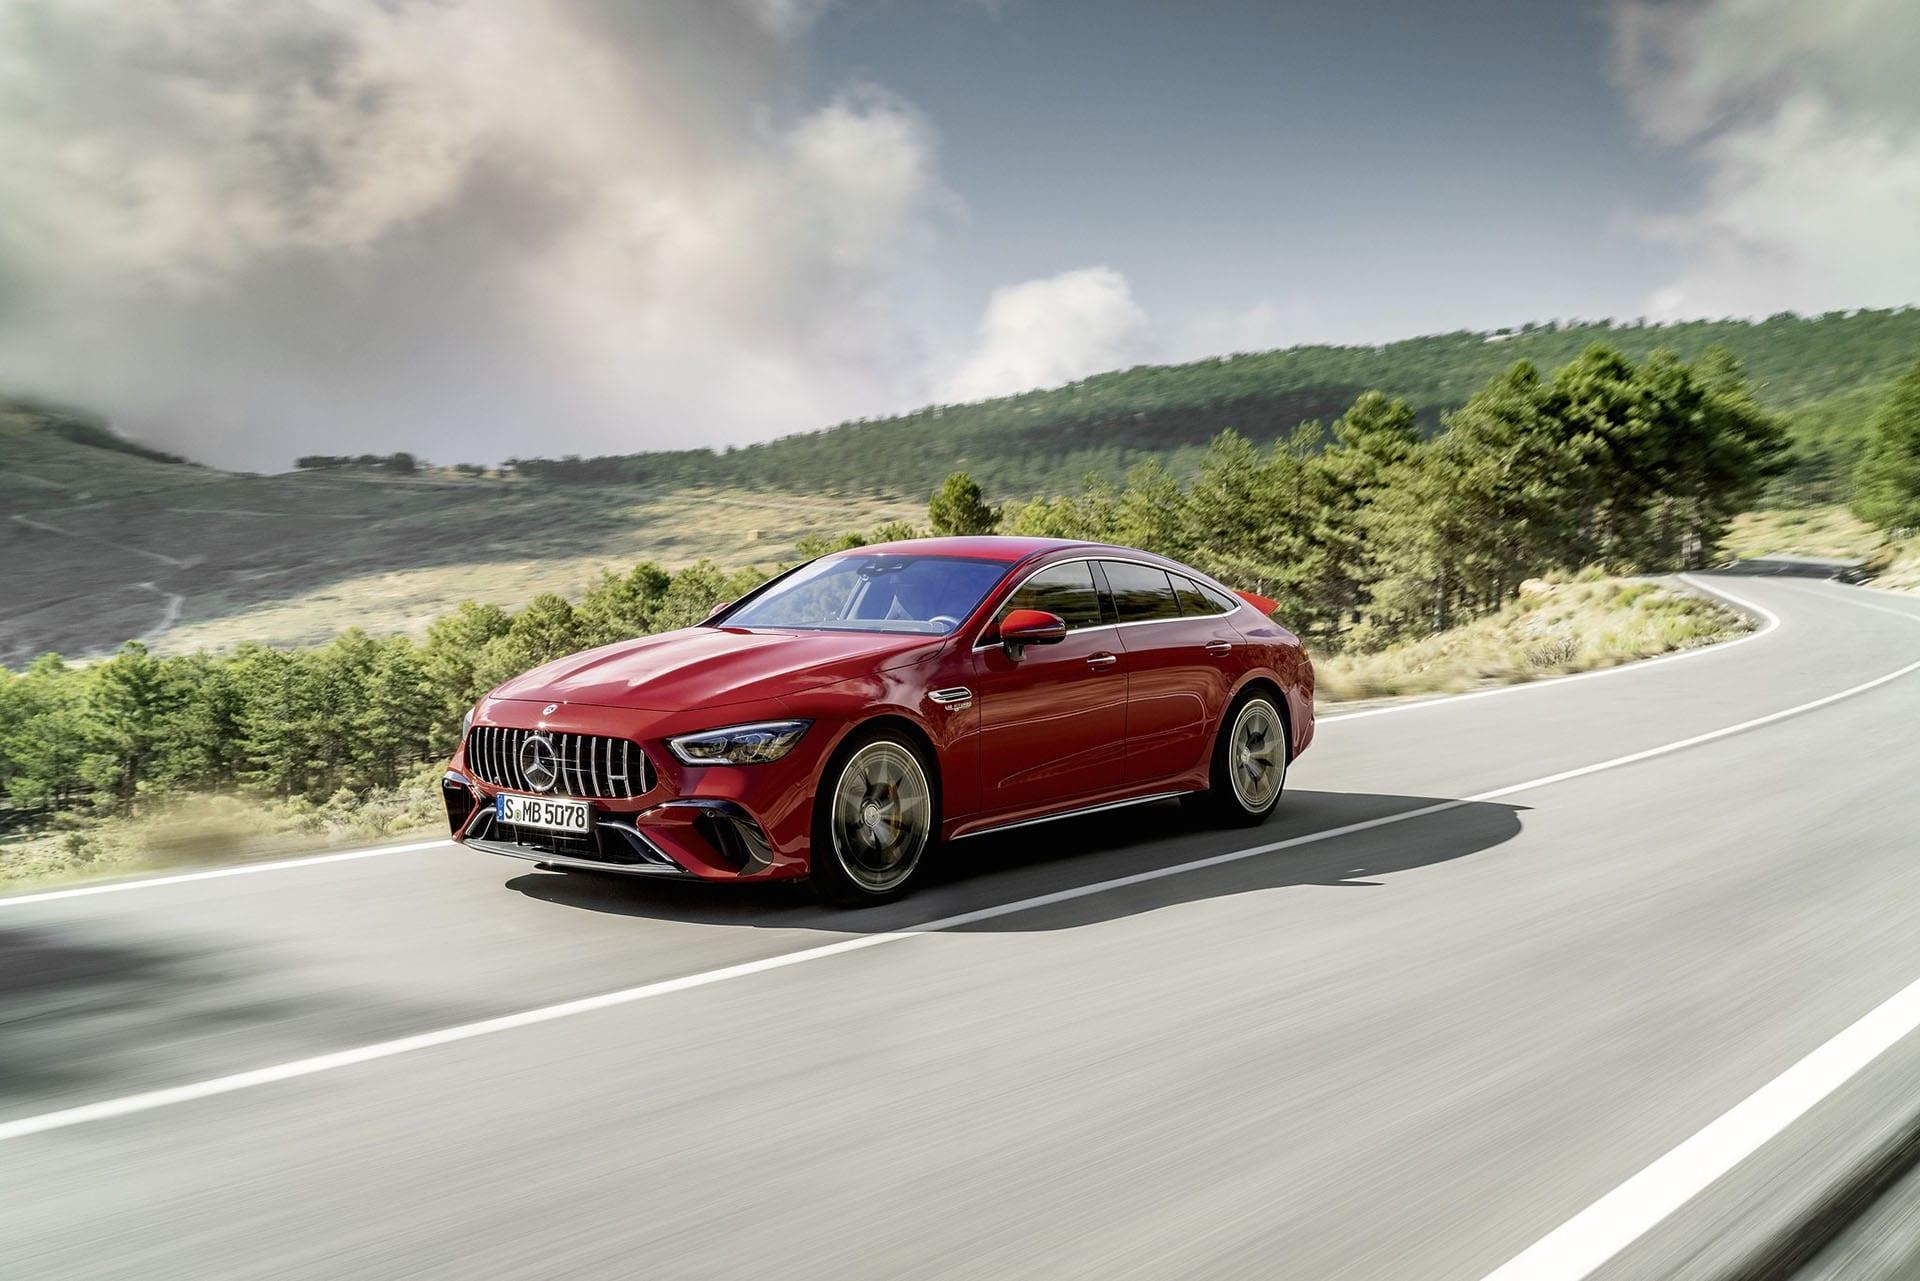 Прем'єра гібрида Mercedes-AMG GT 63 SE Performance - найпотужнішого серійного автомобіля з Аффальтербаху